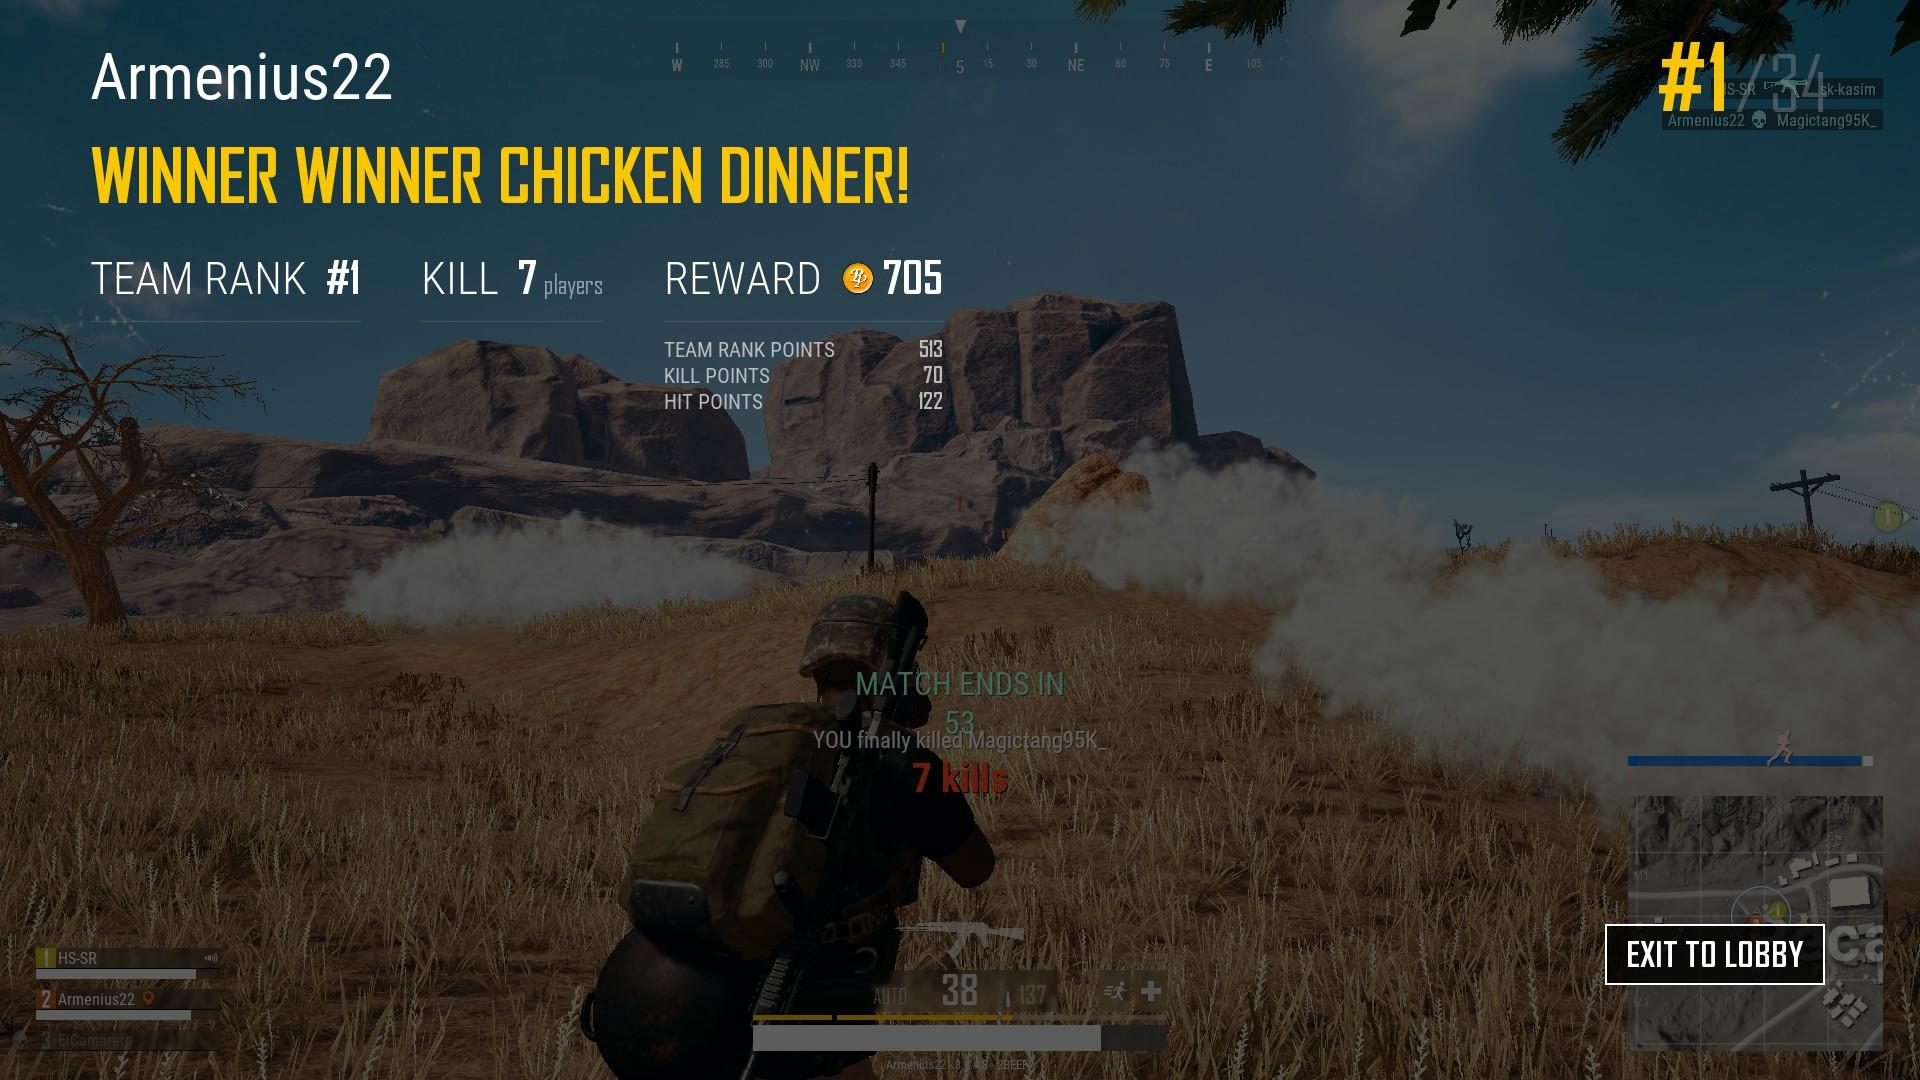 Winner Winner Chicken Dinner Wallpapers: Steam コミュニティ :: スクリーンショット :: WINNER WINNER CHICKEN DINNER